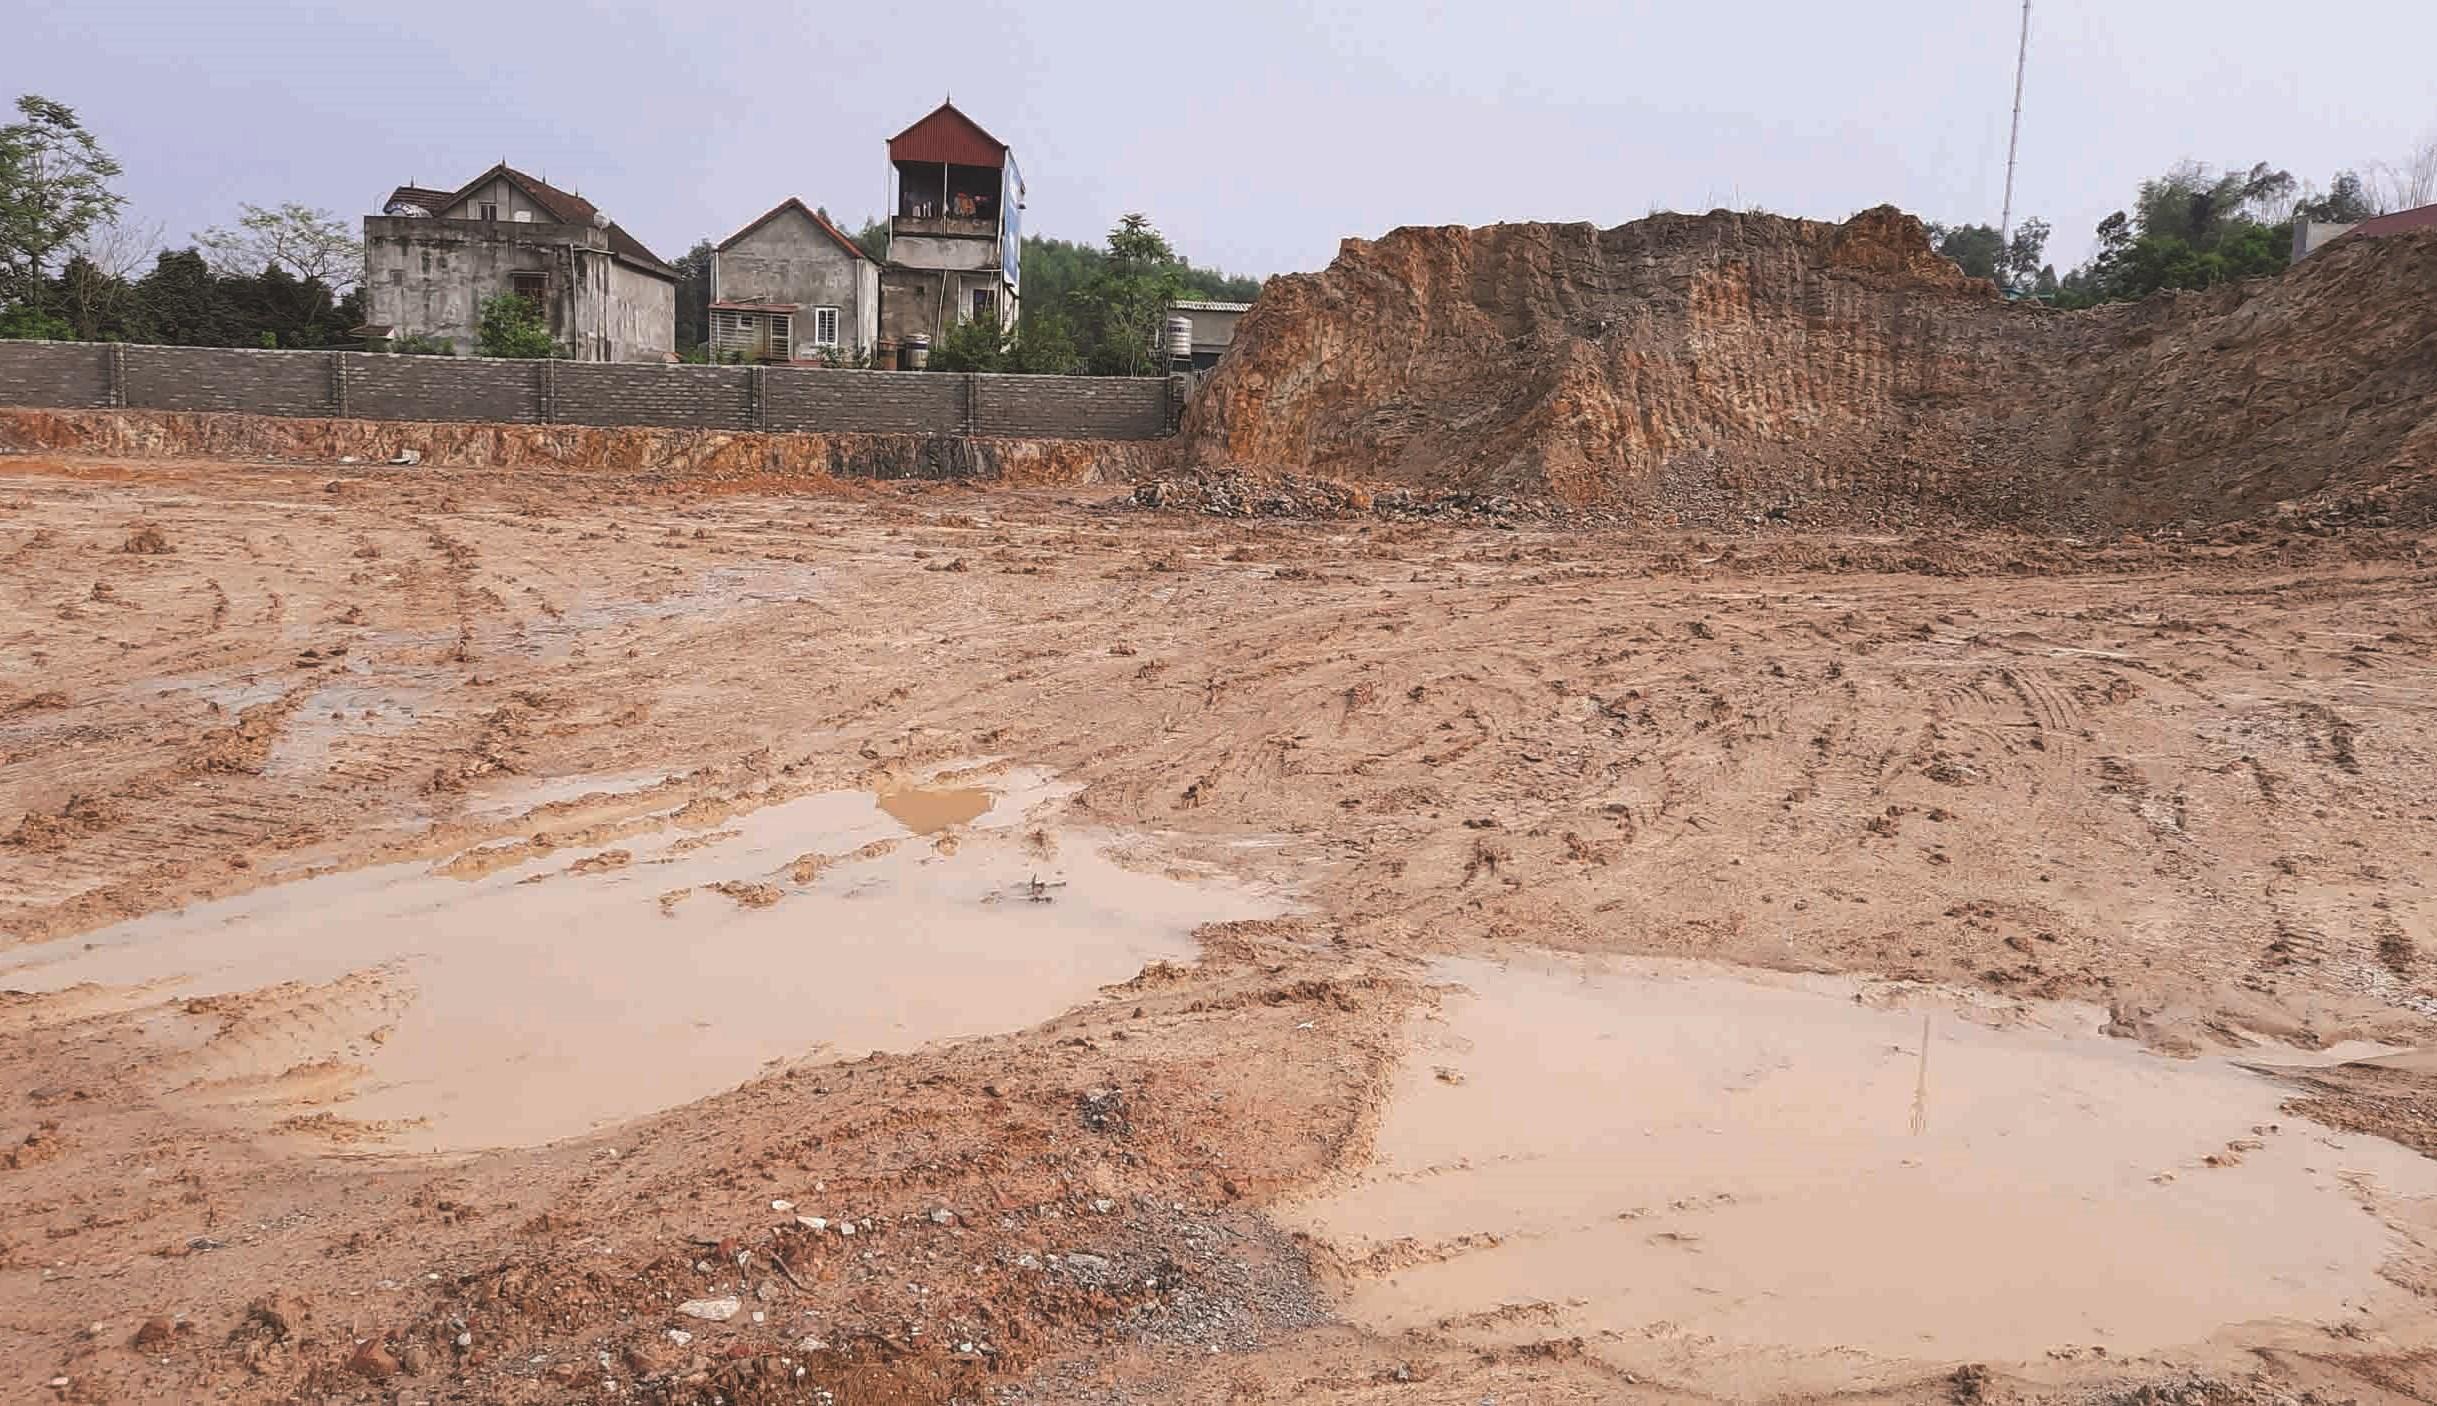 Gần chục ha đồi đã bị san phẳng để lấy đất.